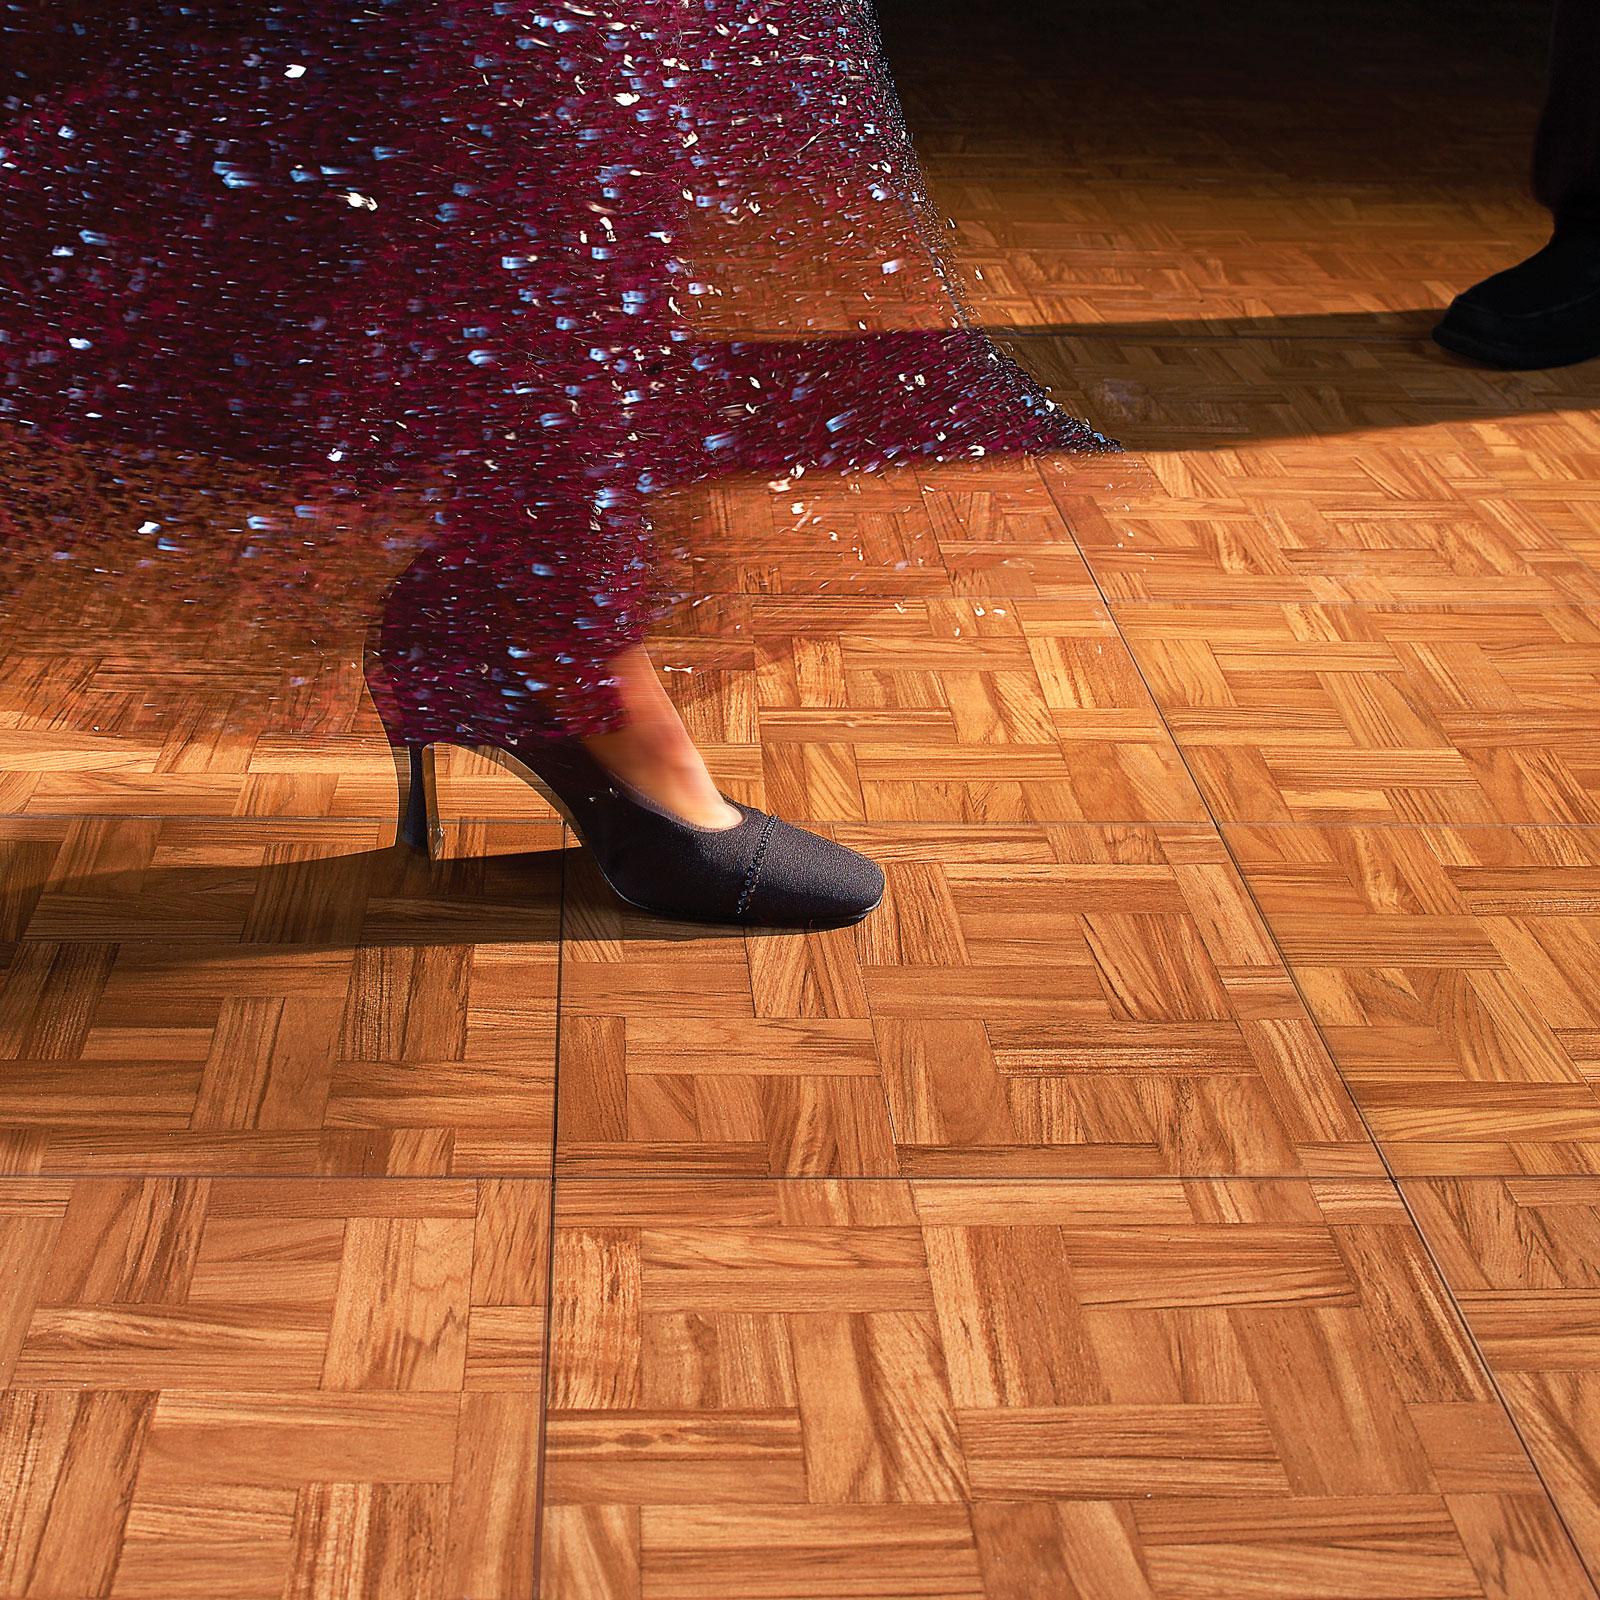 Tango dancers on a Teak Dance Floor